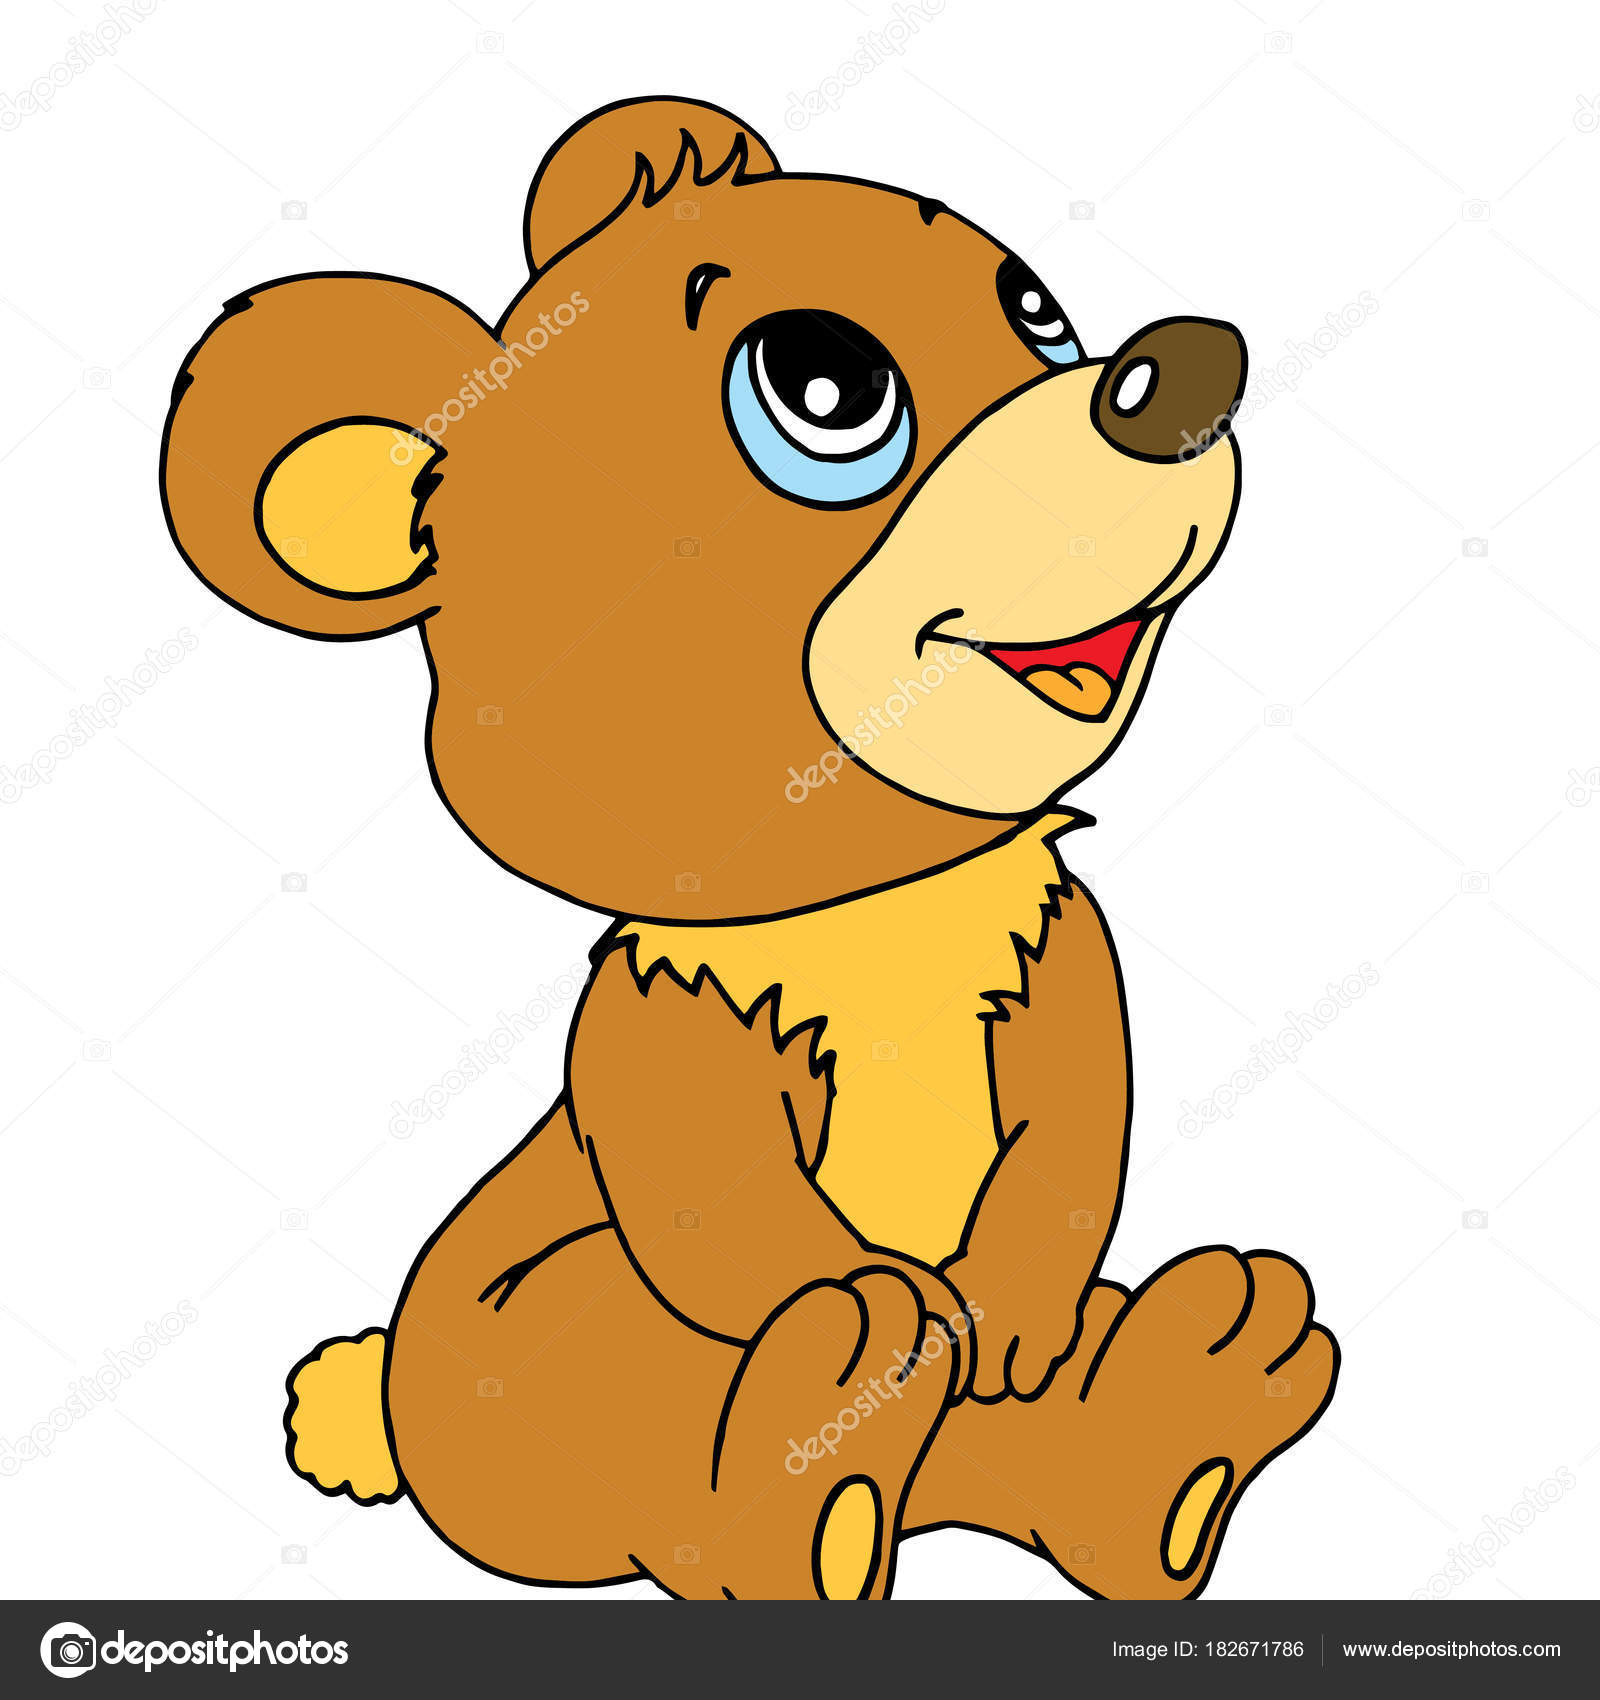 Картинки Медведь Нарисованные Для Детей